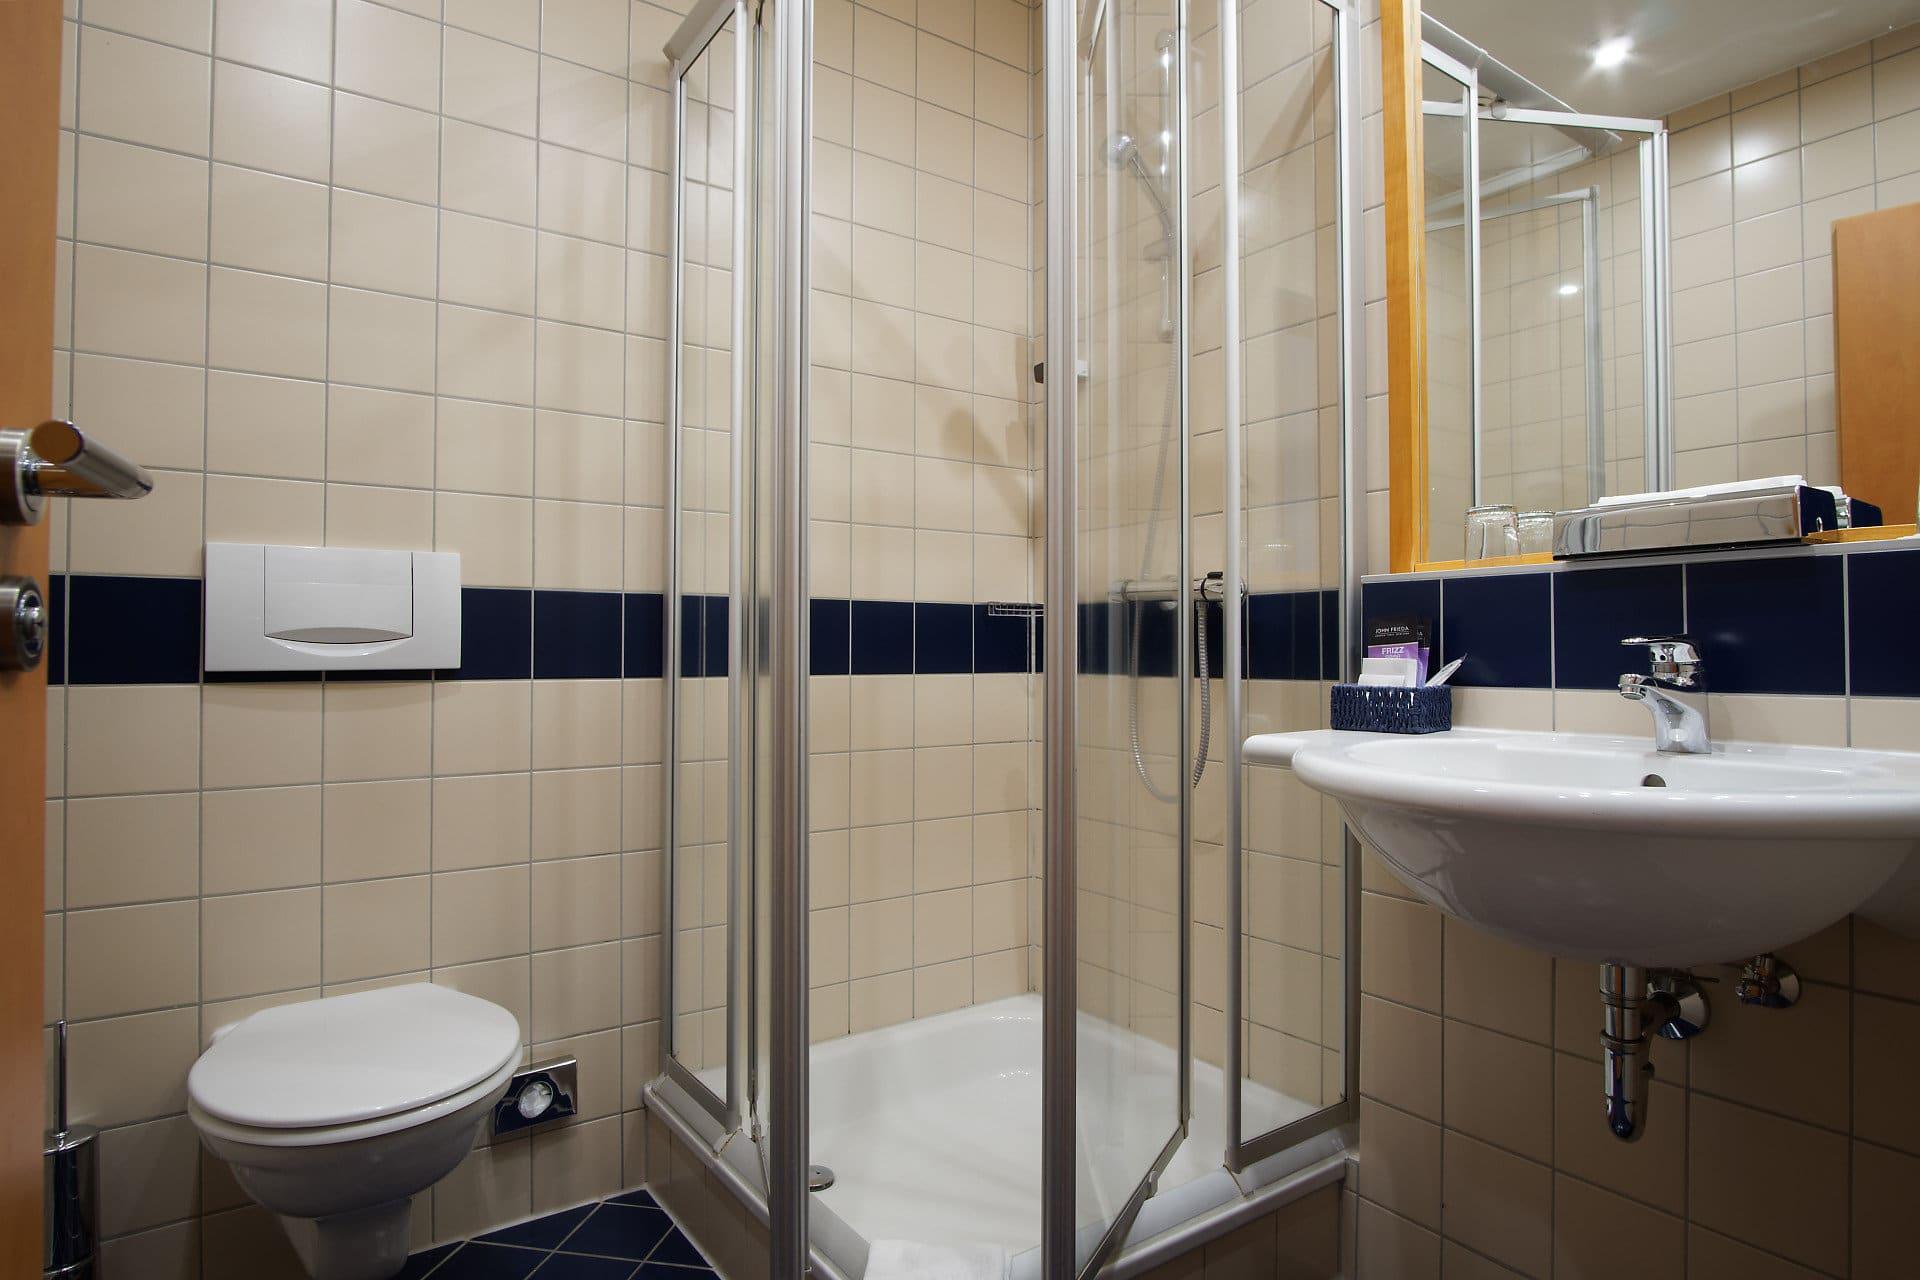 Separater Duschbereich & WC-Bereich in jedem Zimmer